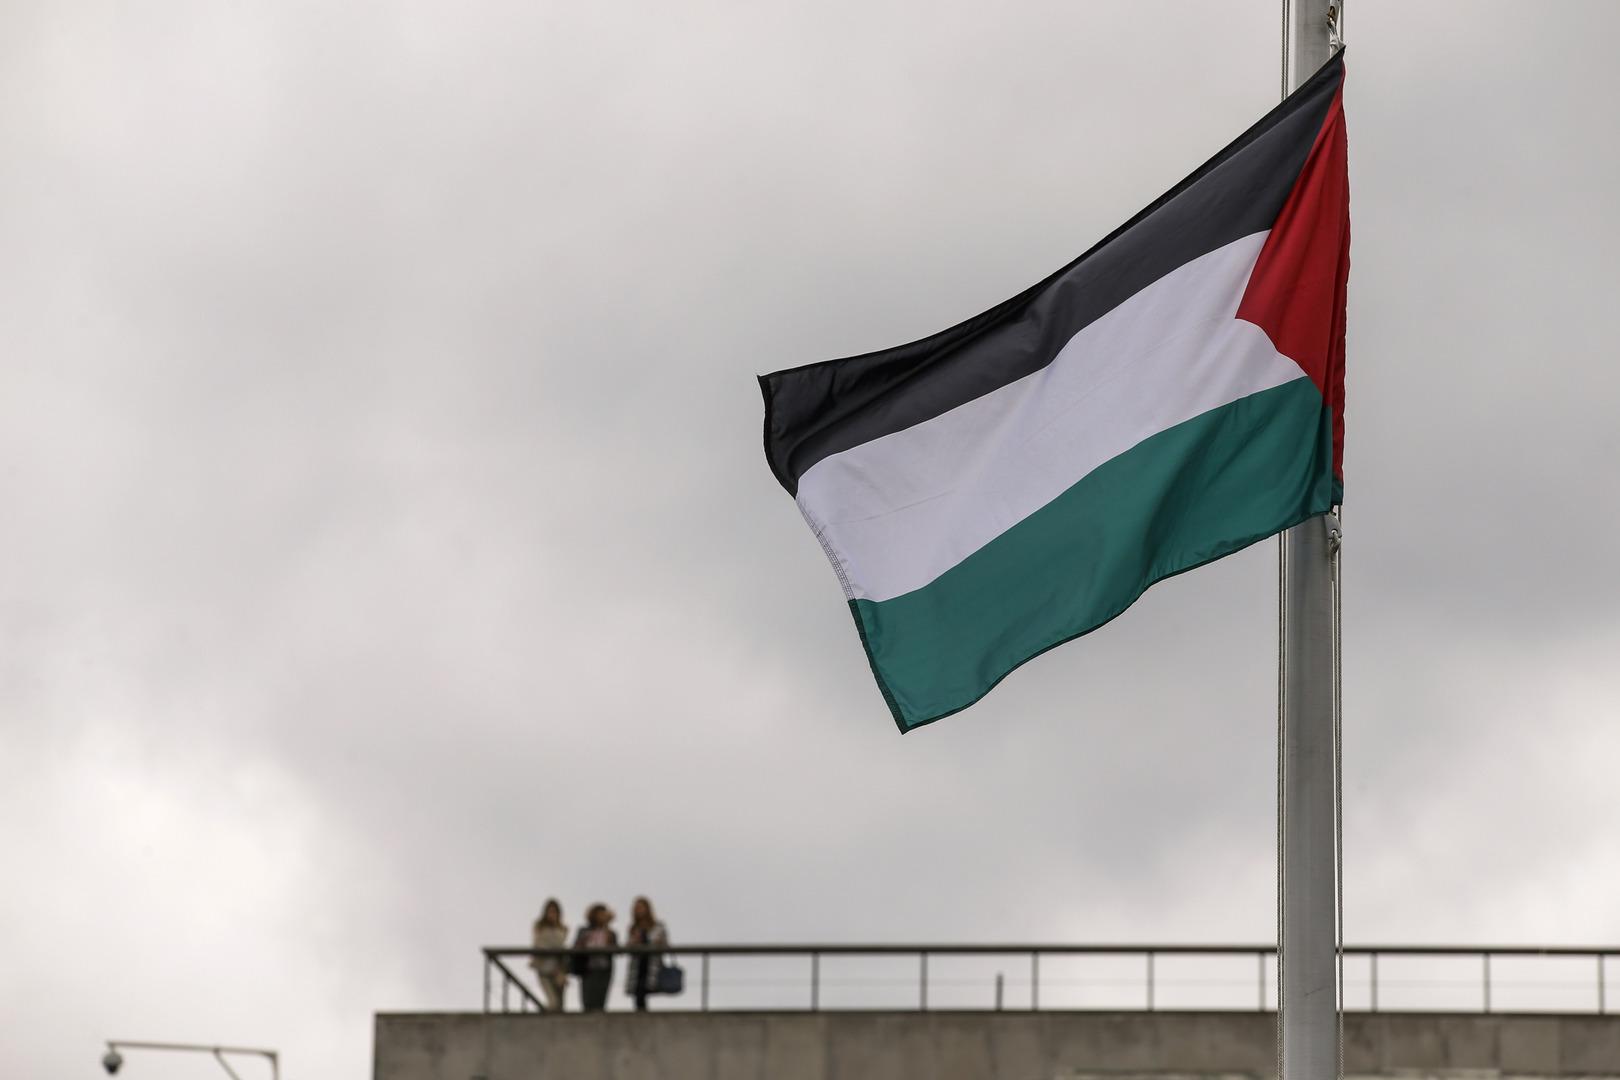 الخارجية الفلسطينية: إسرائيل تصعد إجراءاتها الاستيطانية لفرض أمر واقع أمام الإدارة الأمريكية